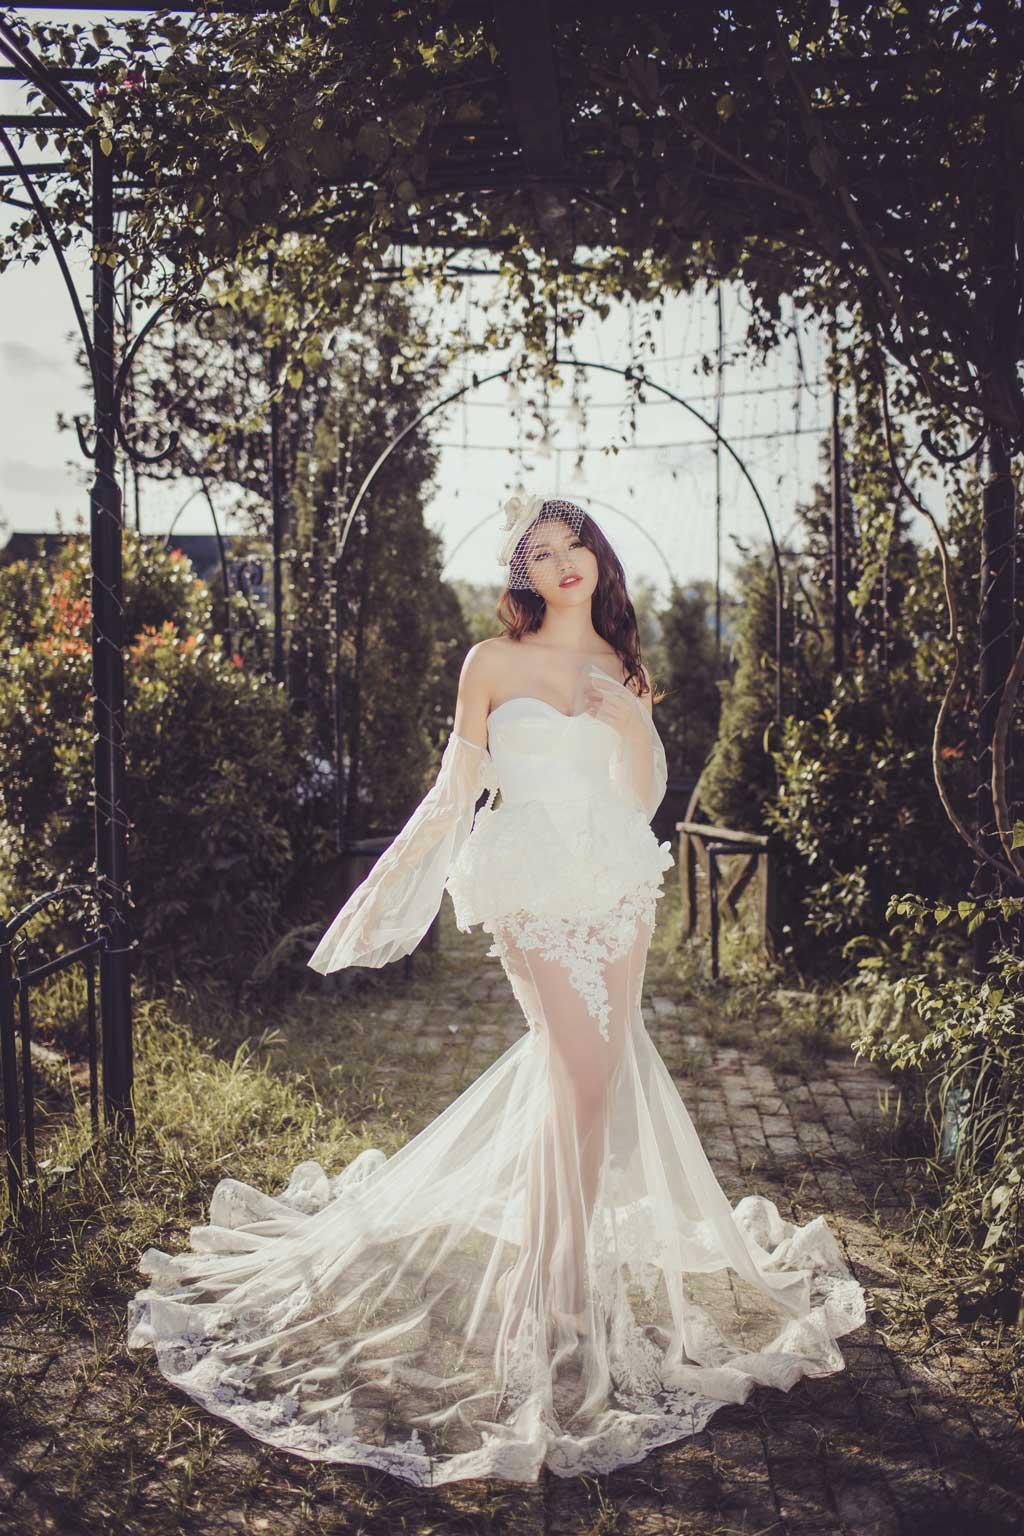 Váy cưới ngắn đuôi cá dài quyến rũ